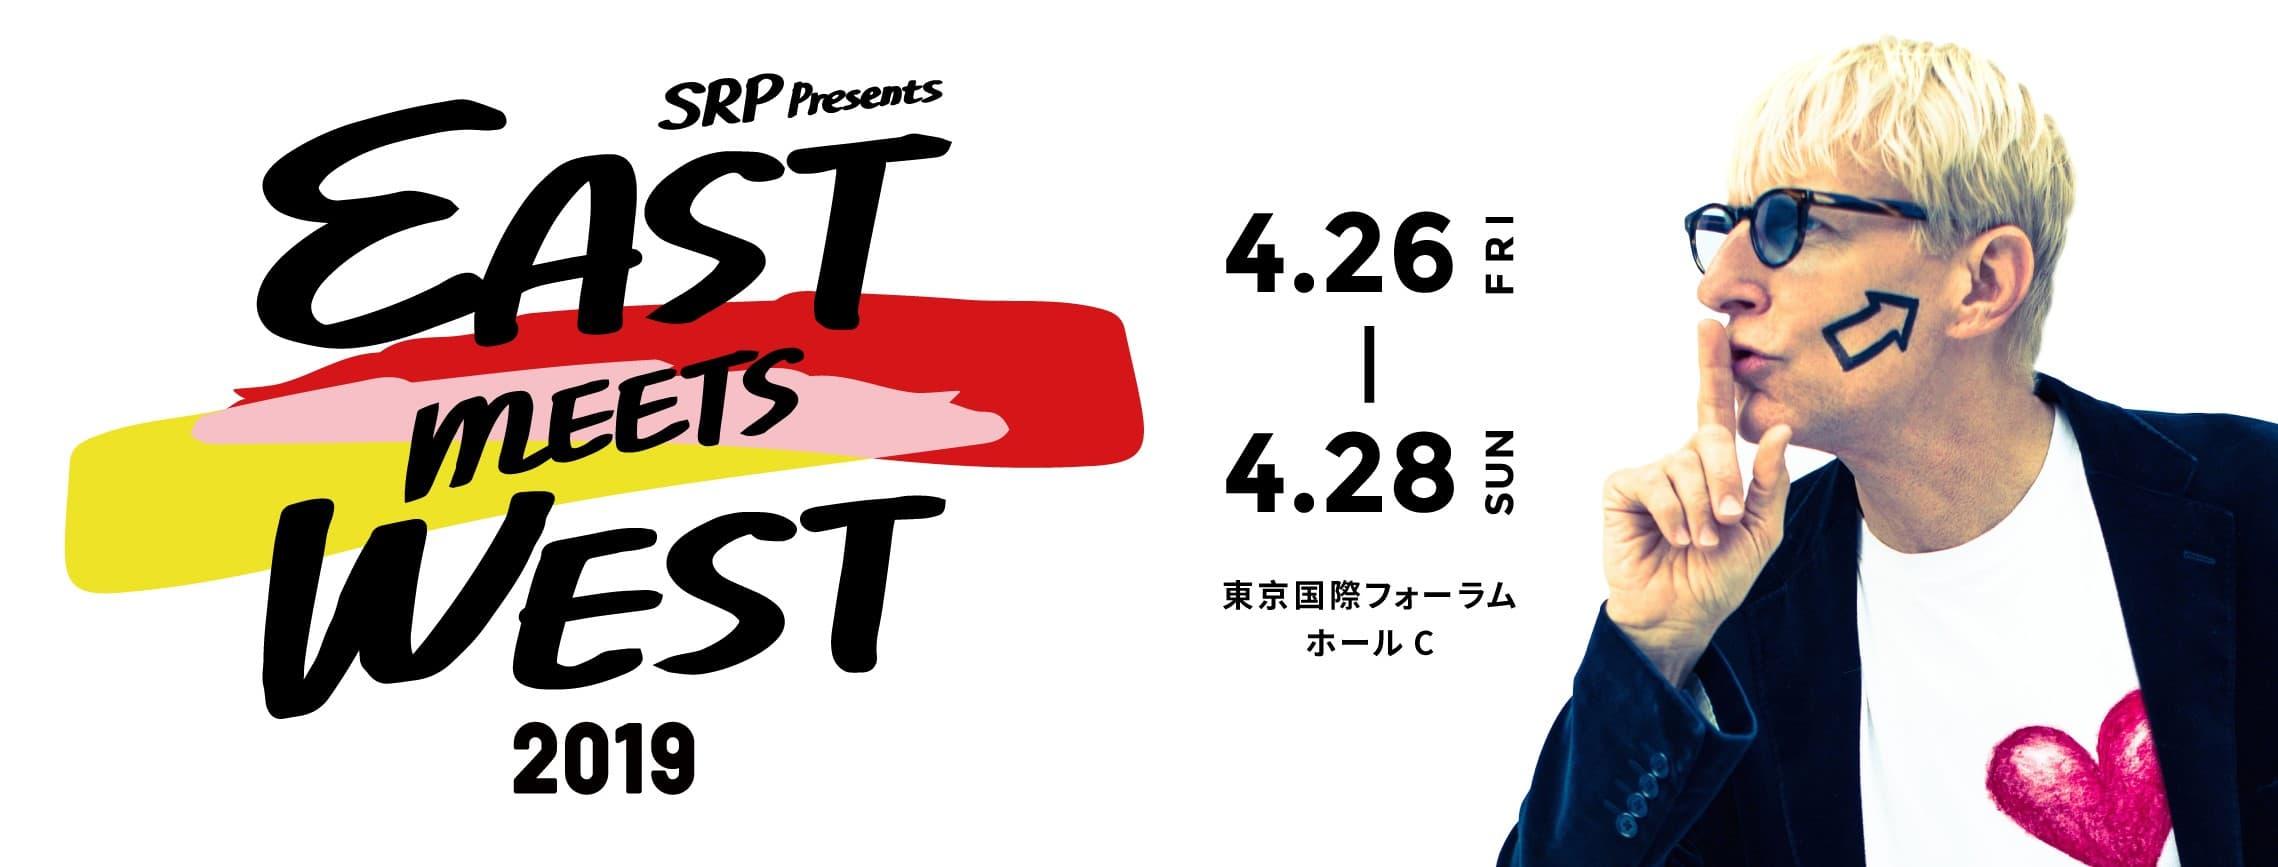 4月開催「EAST MEETS WEST 2019」にWill Lee、Sam Moore、矢野顕子、藤巻亮太ら出演